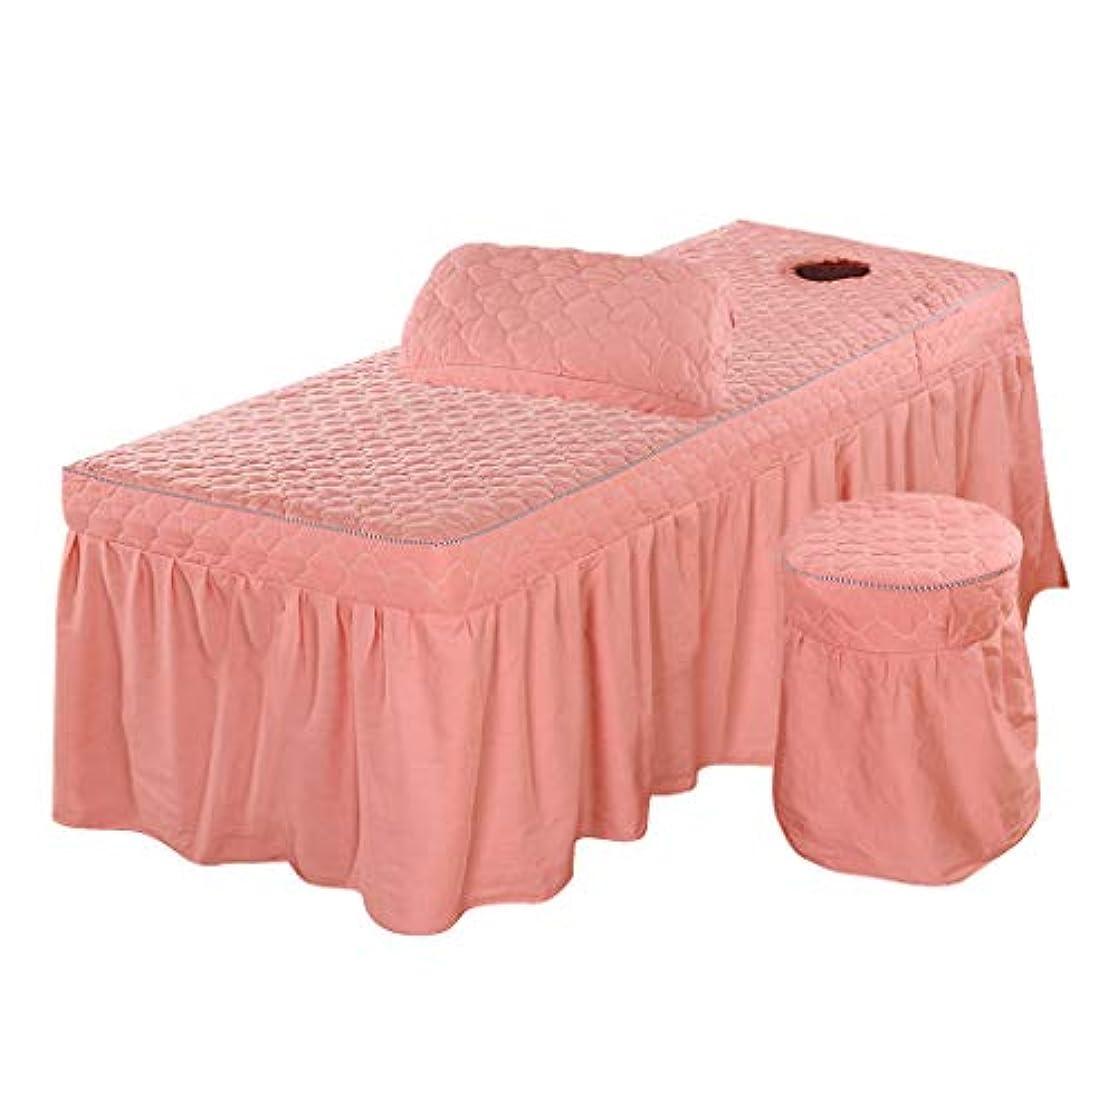 鋸歯状降ろす急襲3点セット 美容ベッドスカート 有孔 スツールカバー 枕カバー付き 通気性 - ピンク